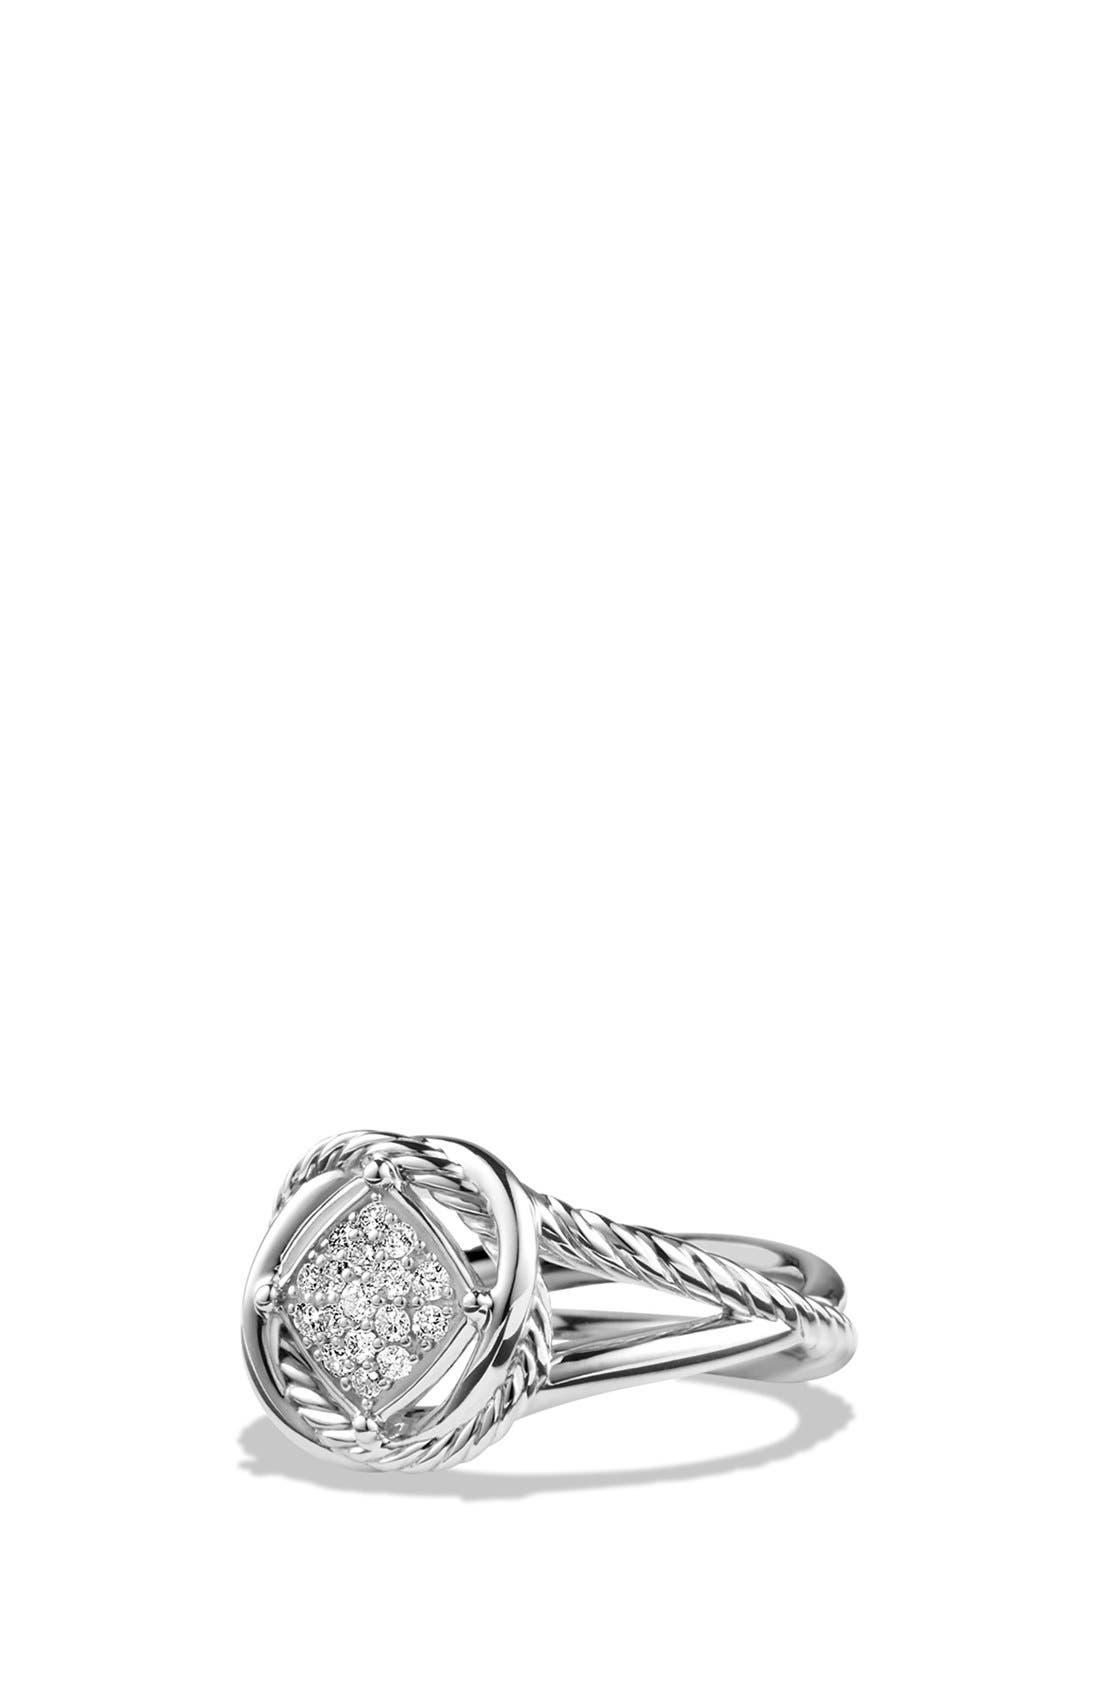 'Infinity' Ring with Diamonds,                         Main,                         color, Diamond